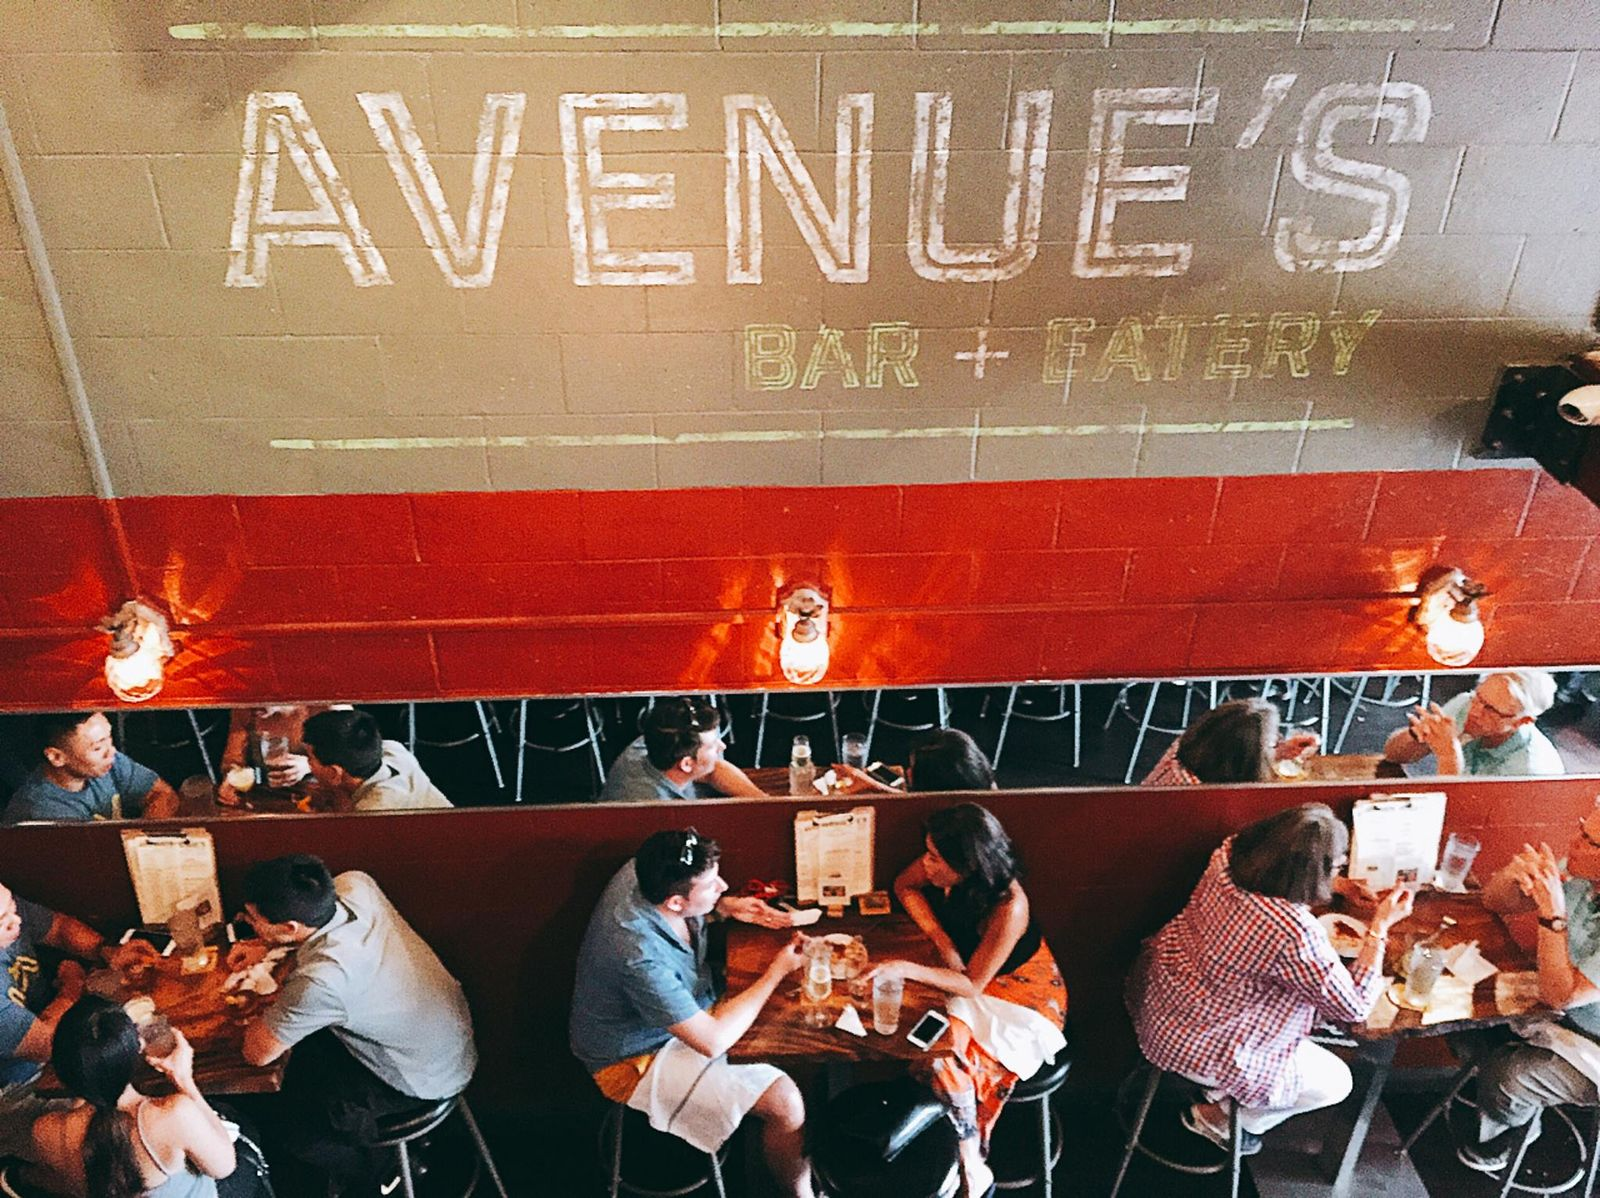 素敵なお店がたくさんありすぎるので、今回は、1店舗だけオープンしたてのバー「AVENUE'S BAR + EATERY」をご紹介。